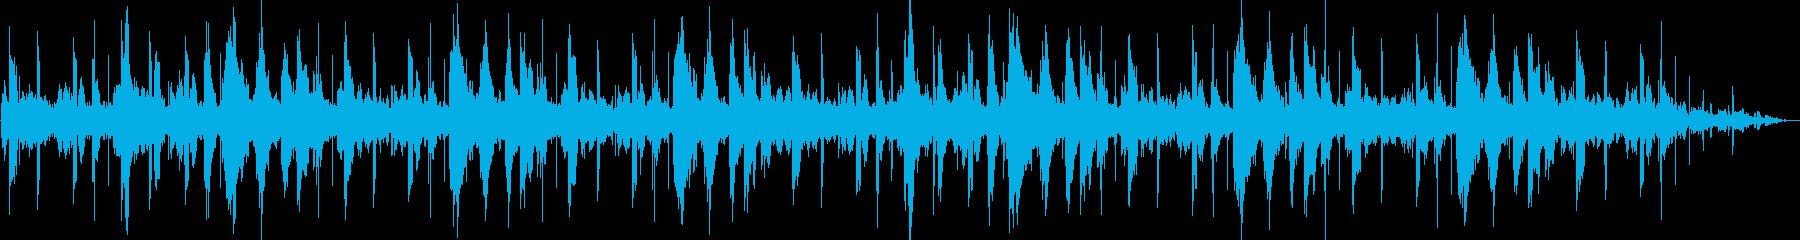 環境音楽的ヒーリング曲の再生済みの波形